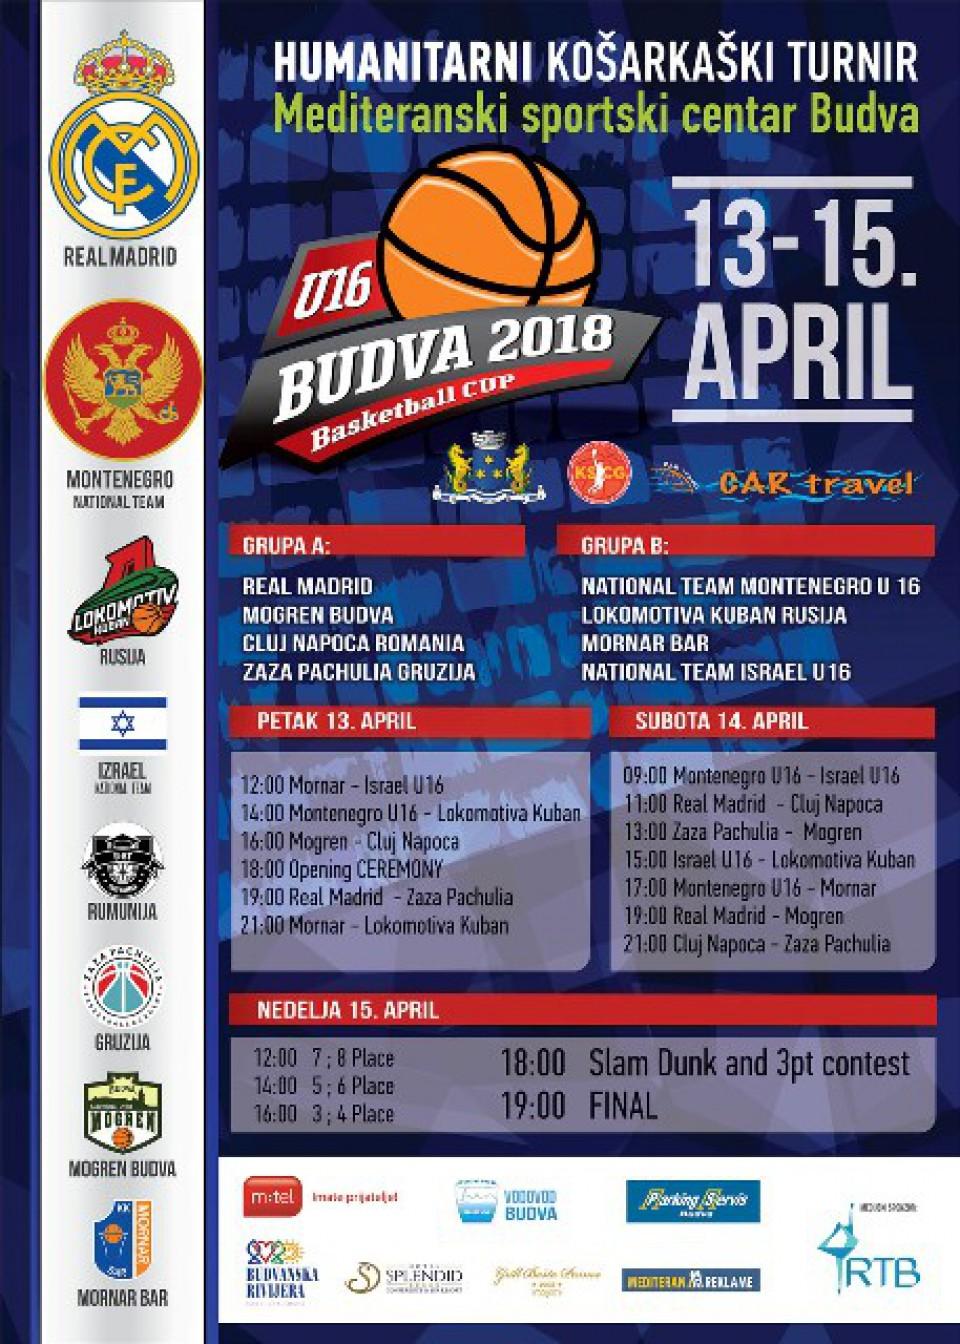 Međunarodni košarkaški turnir u Budvi